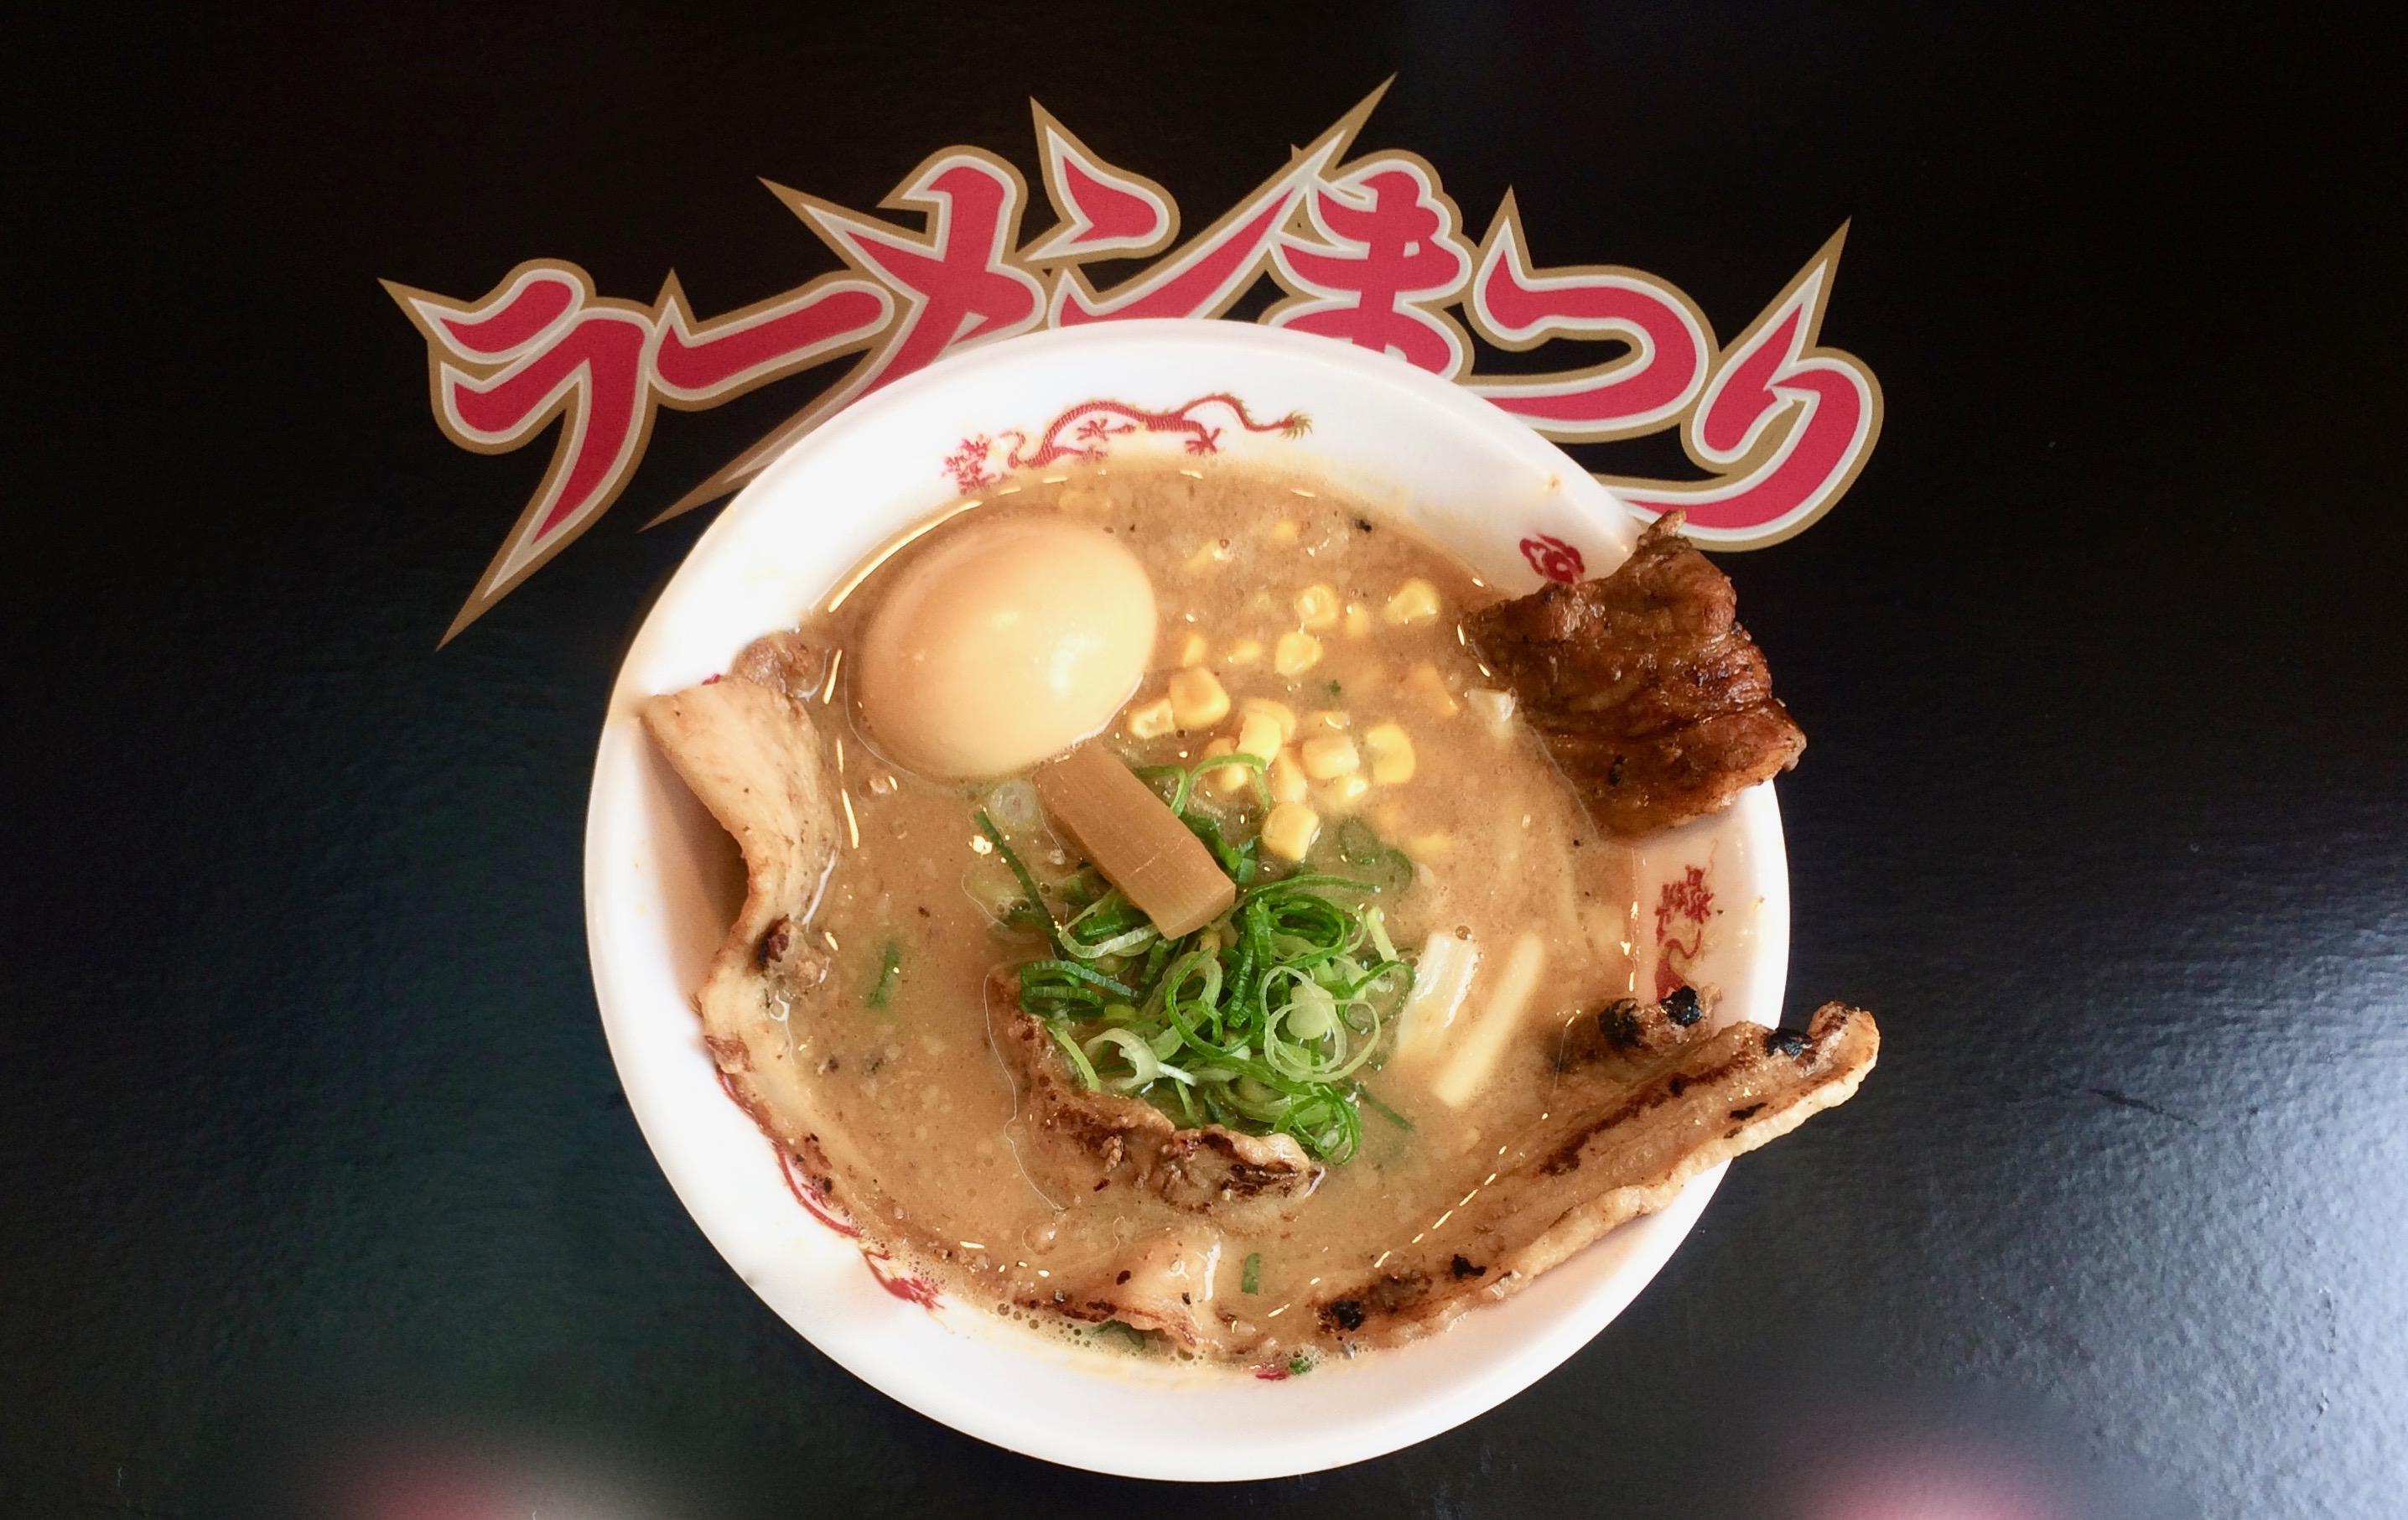 3年連続開催!「ラーメンまつりin名古屋 2017」に行ってきた - Image uploaded from iOS 18